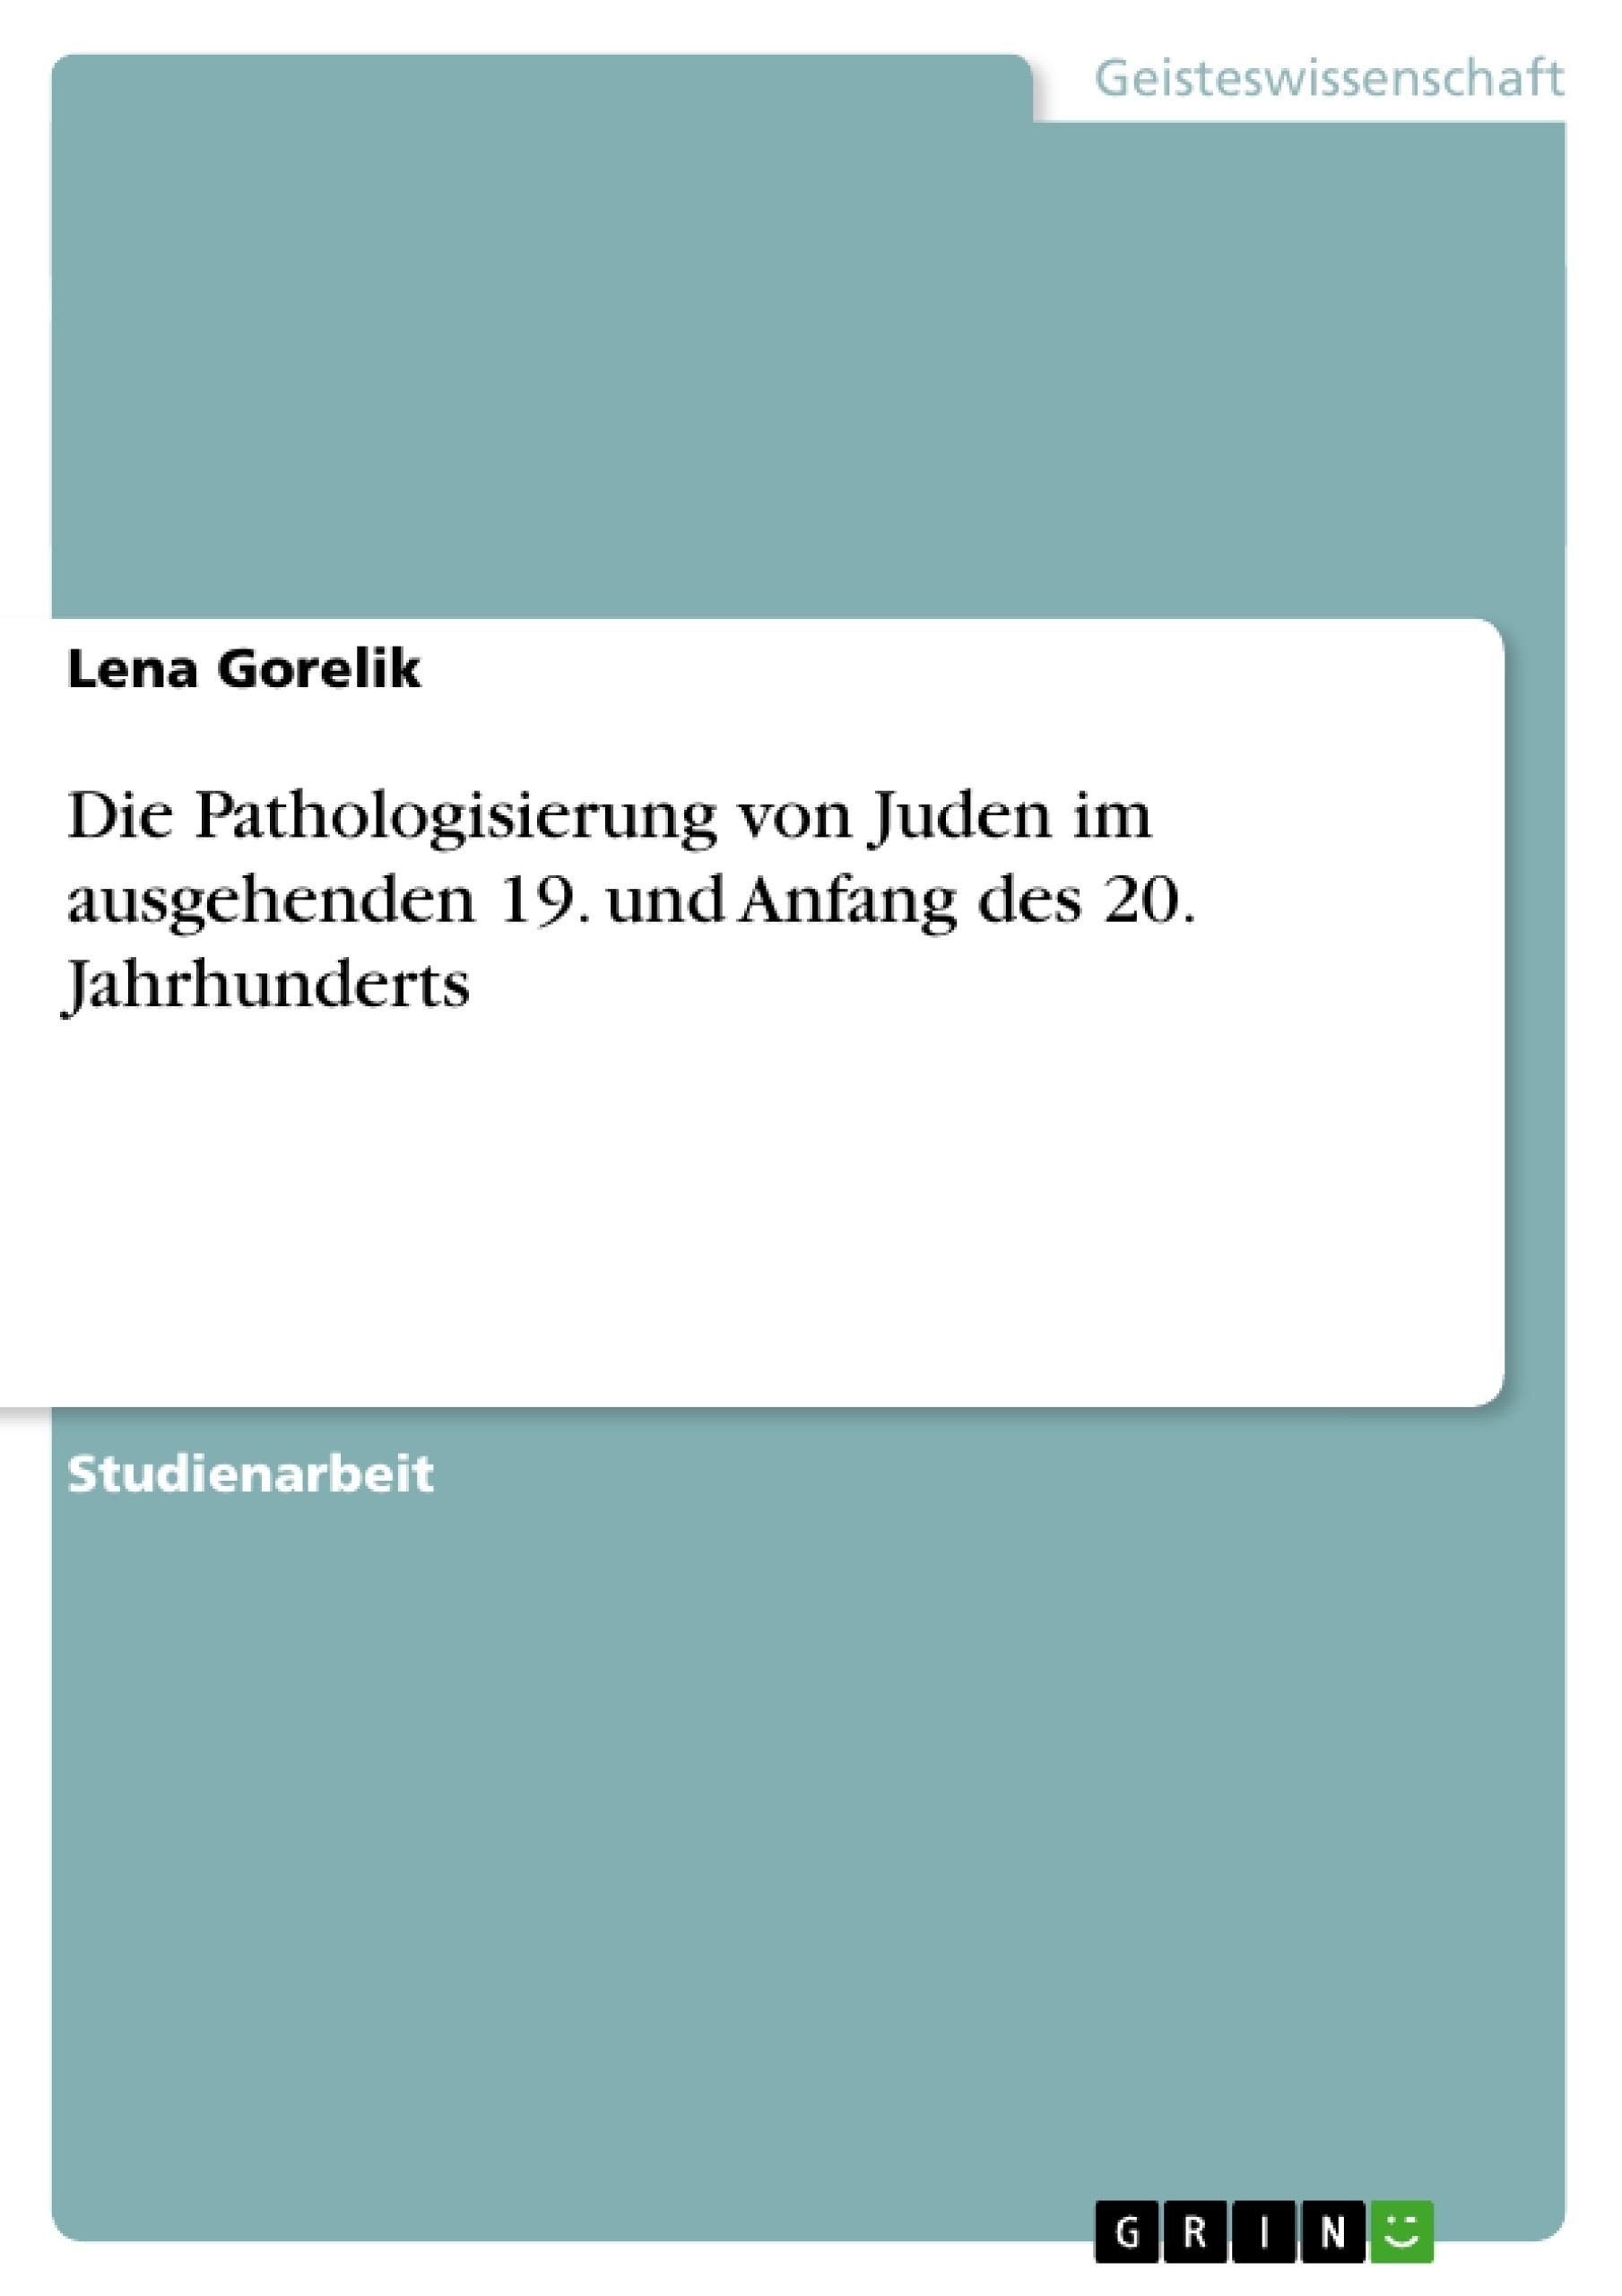 Titel: Die Pathologisierung von Juden im ausgehenden 19. und Anfang des 20. Jahrhunderts